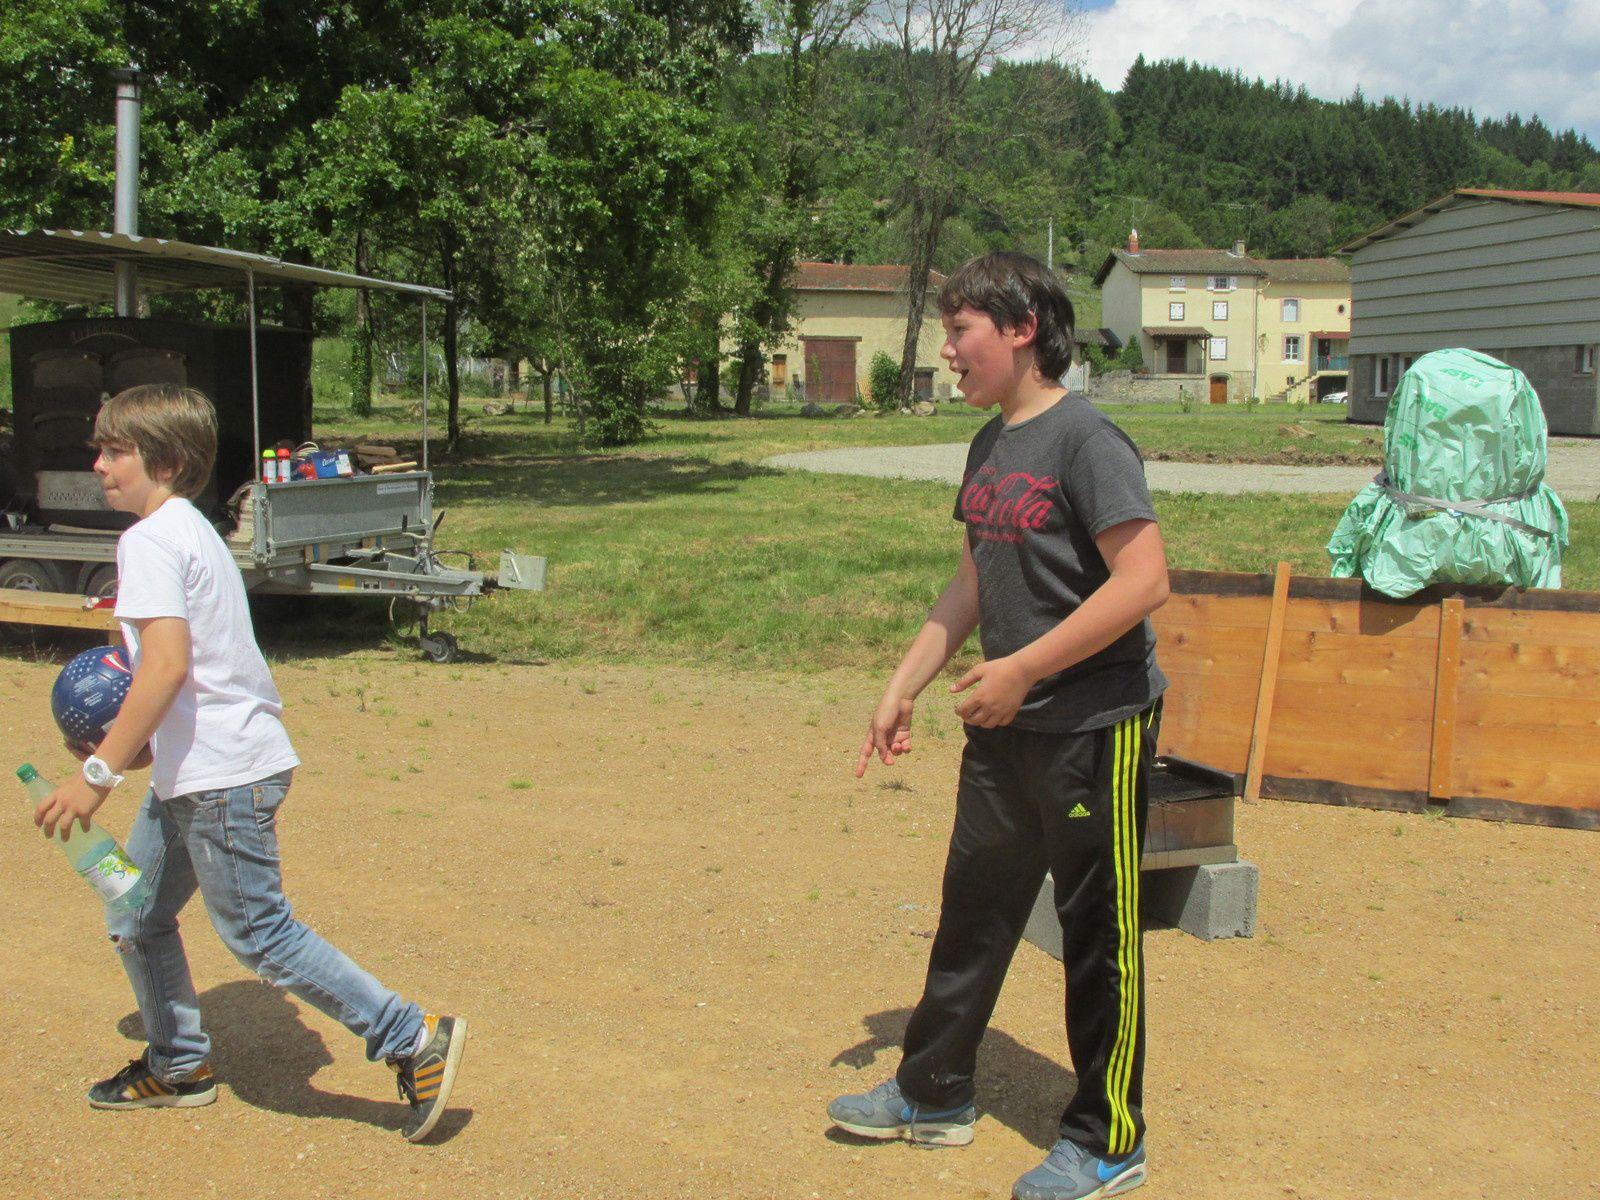 THE FIRST Vide Grenier du 25 Mai 2014 à Aubusson d'Auvergne